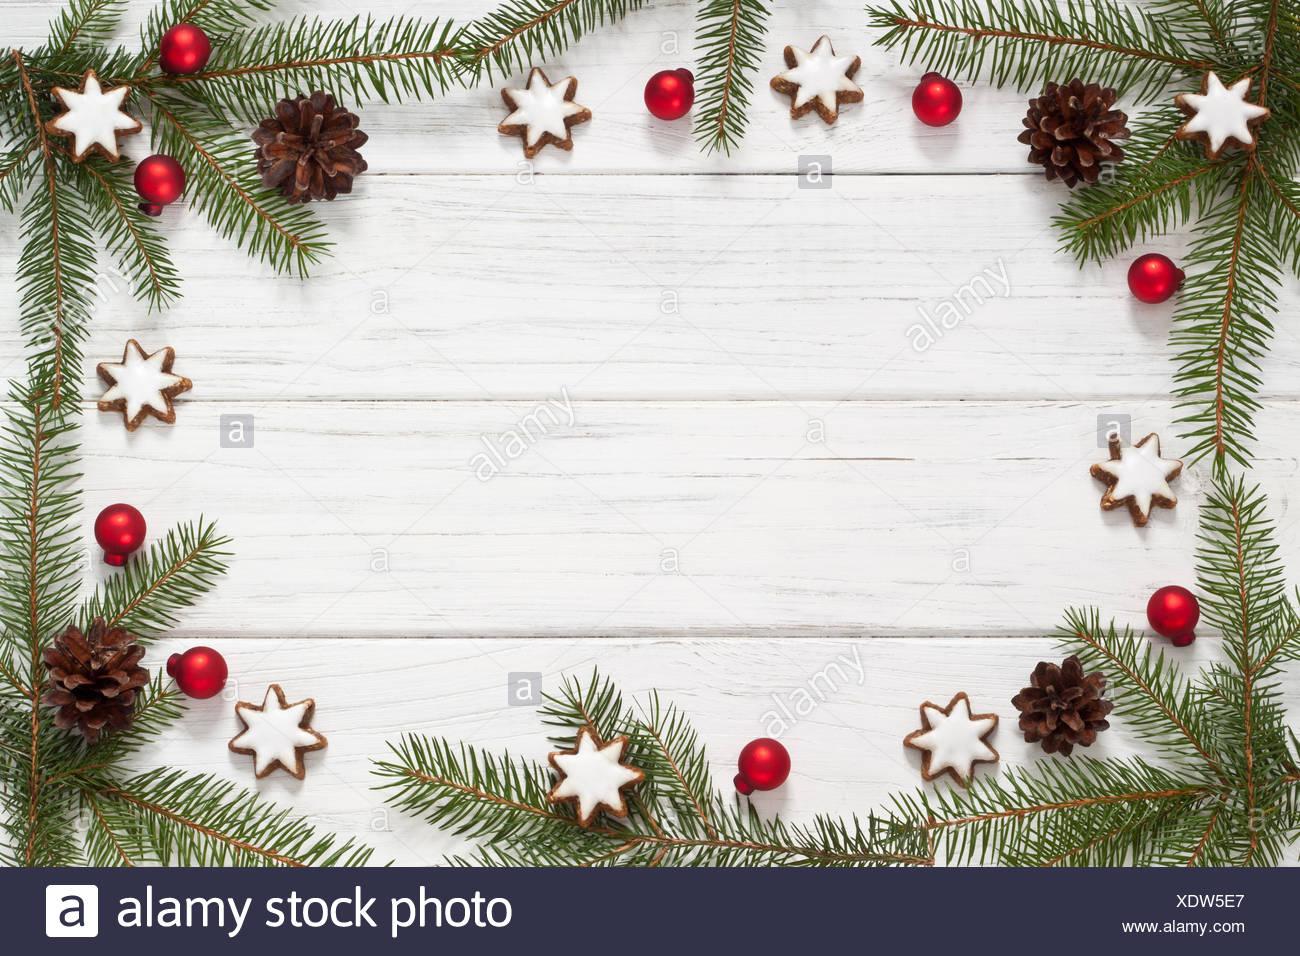 weihnachtlicher rahmen aus tannenzweigen und zimtsternen stockfoto bild 283909535 alamy. Black Bedroom Furniture Sets. Home Design Ideas